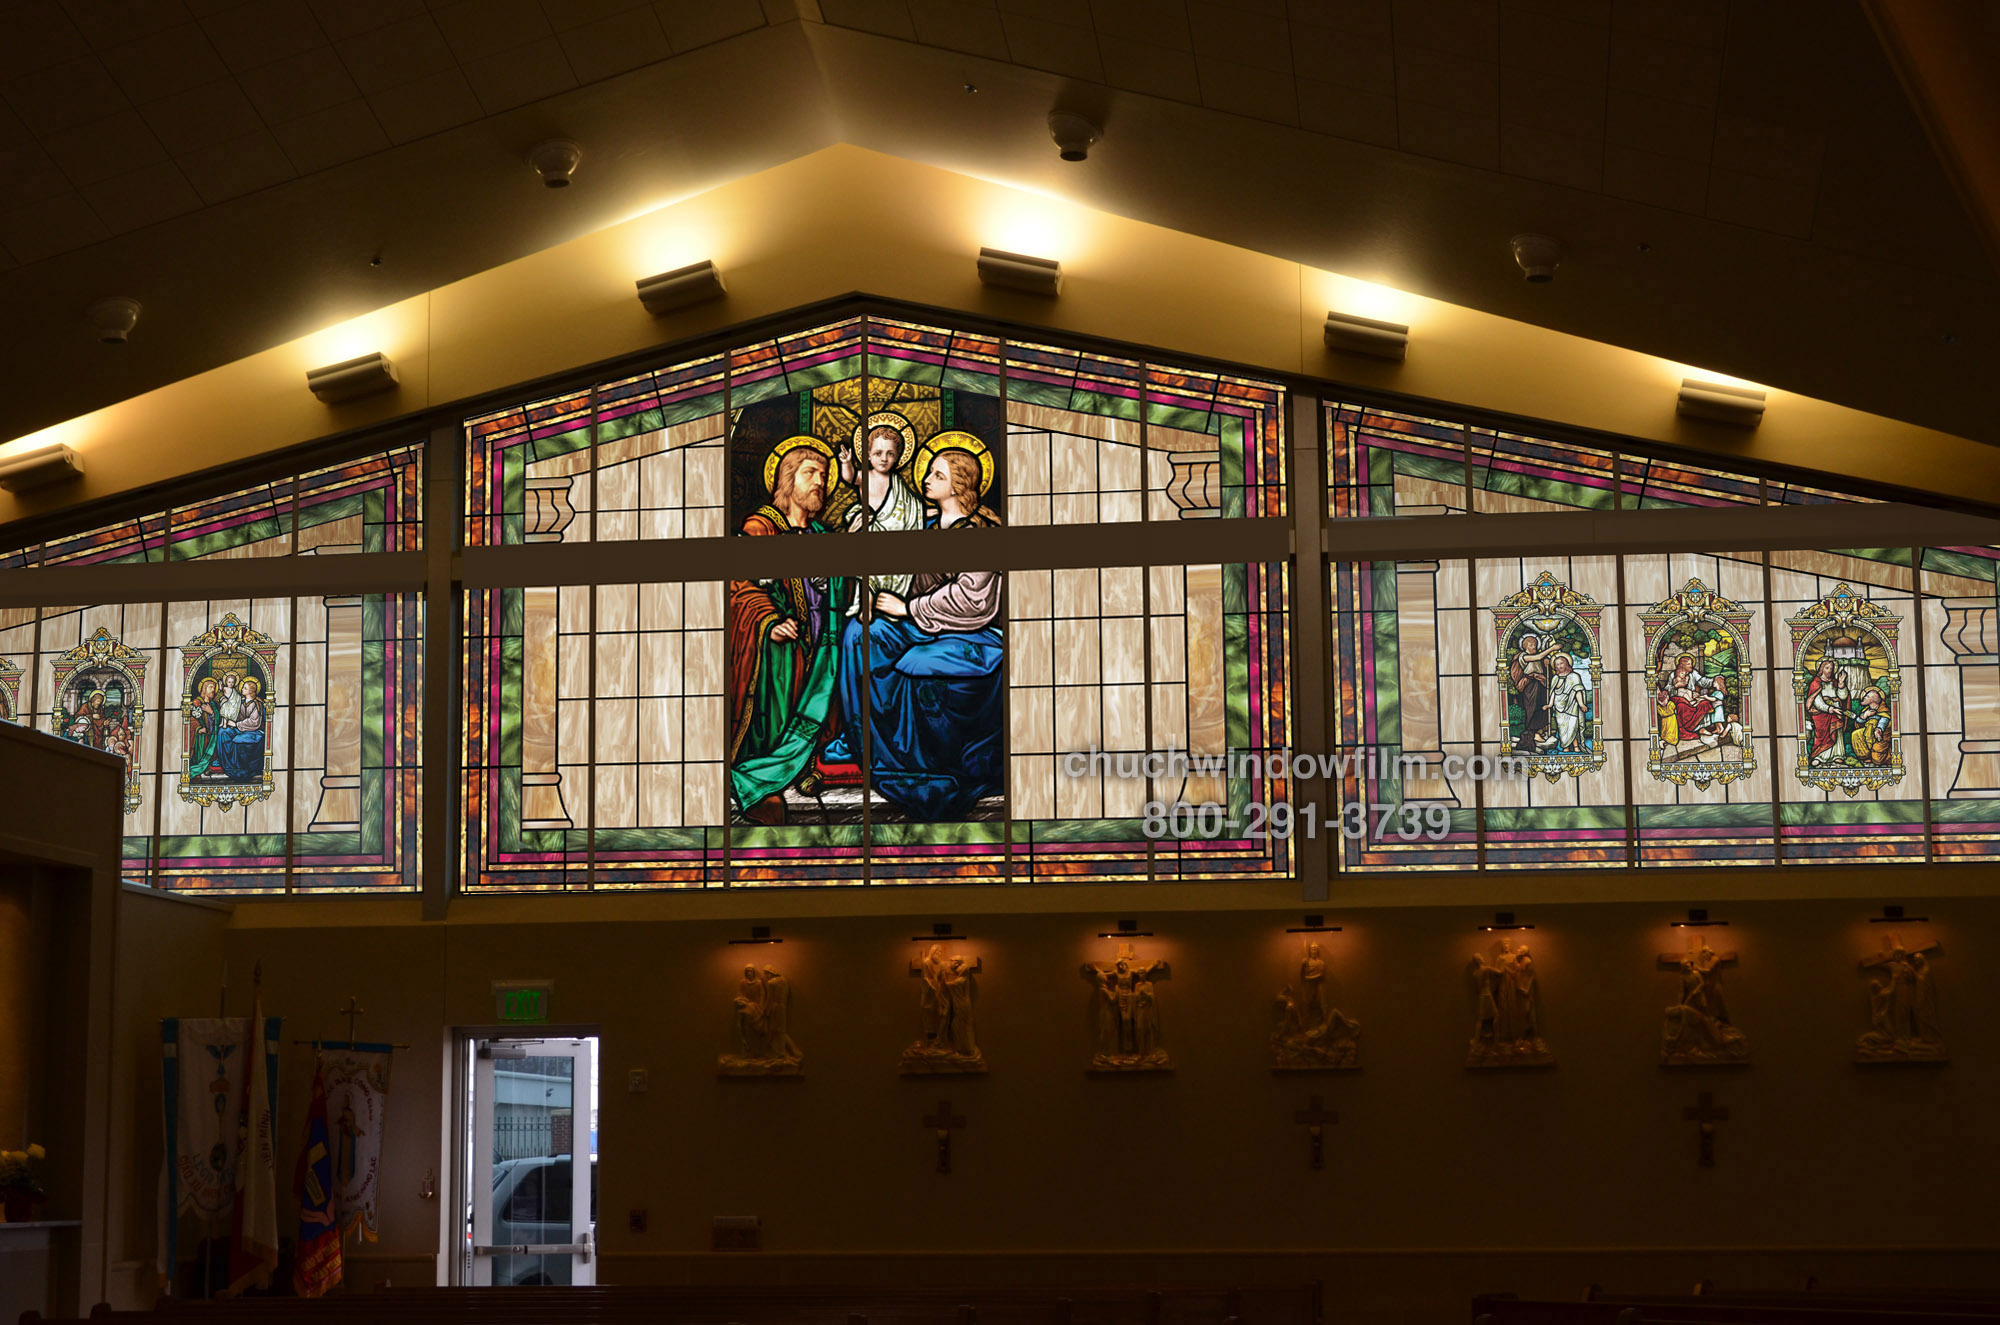 Church window film decorative stained glass window film for Custom window designs